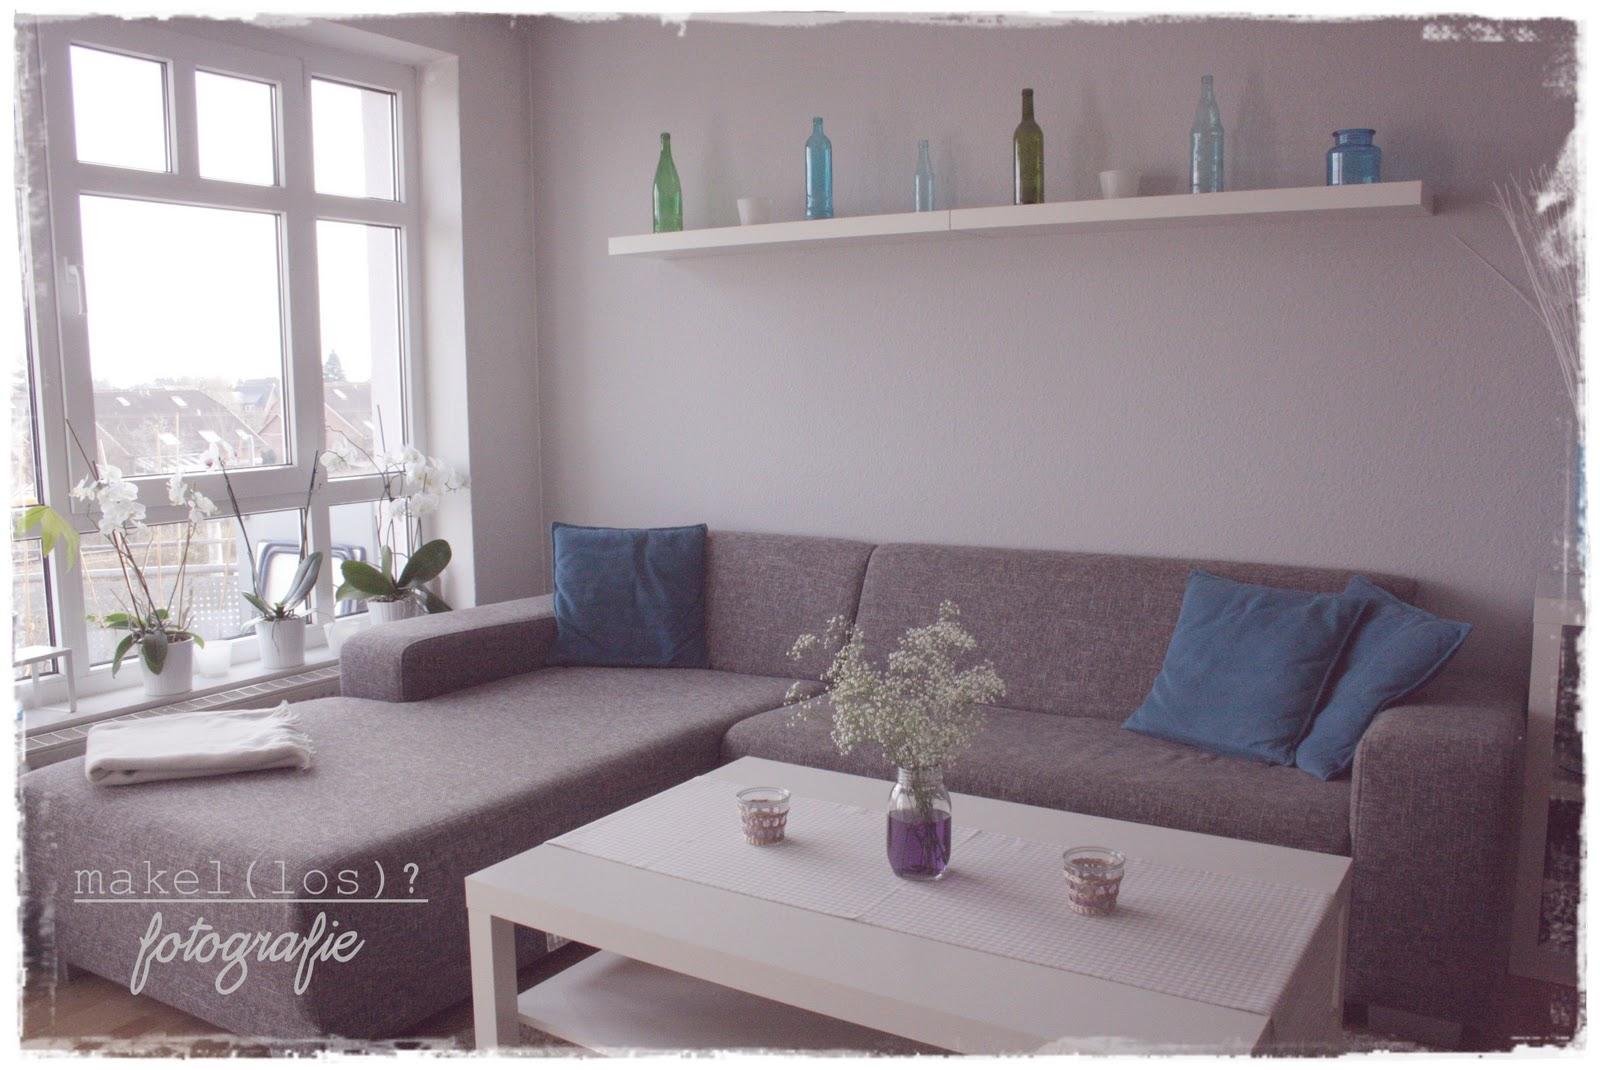 Wohnzimmer kuschelig  makel(los)?: schlüsselloch-blick